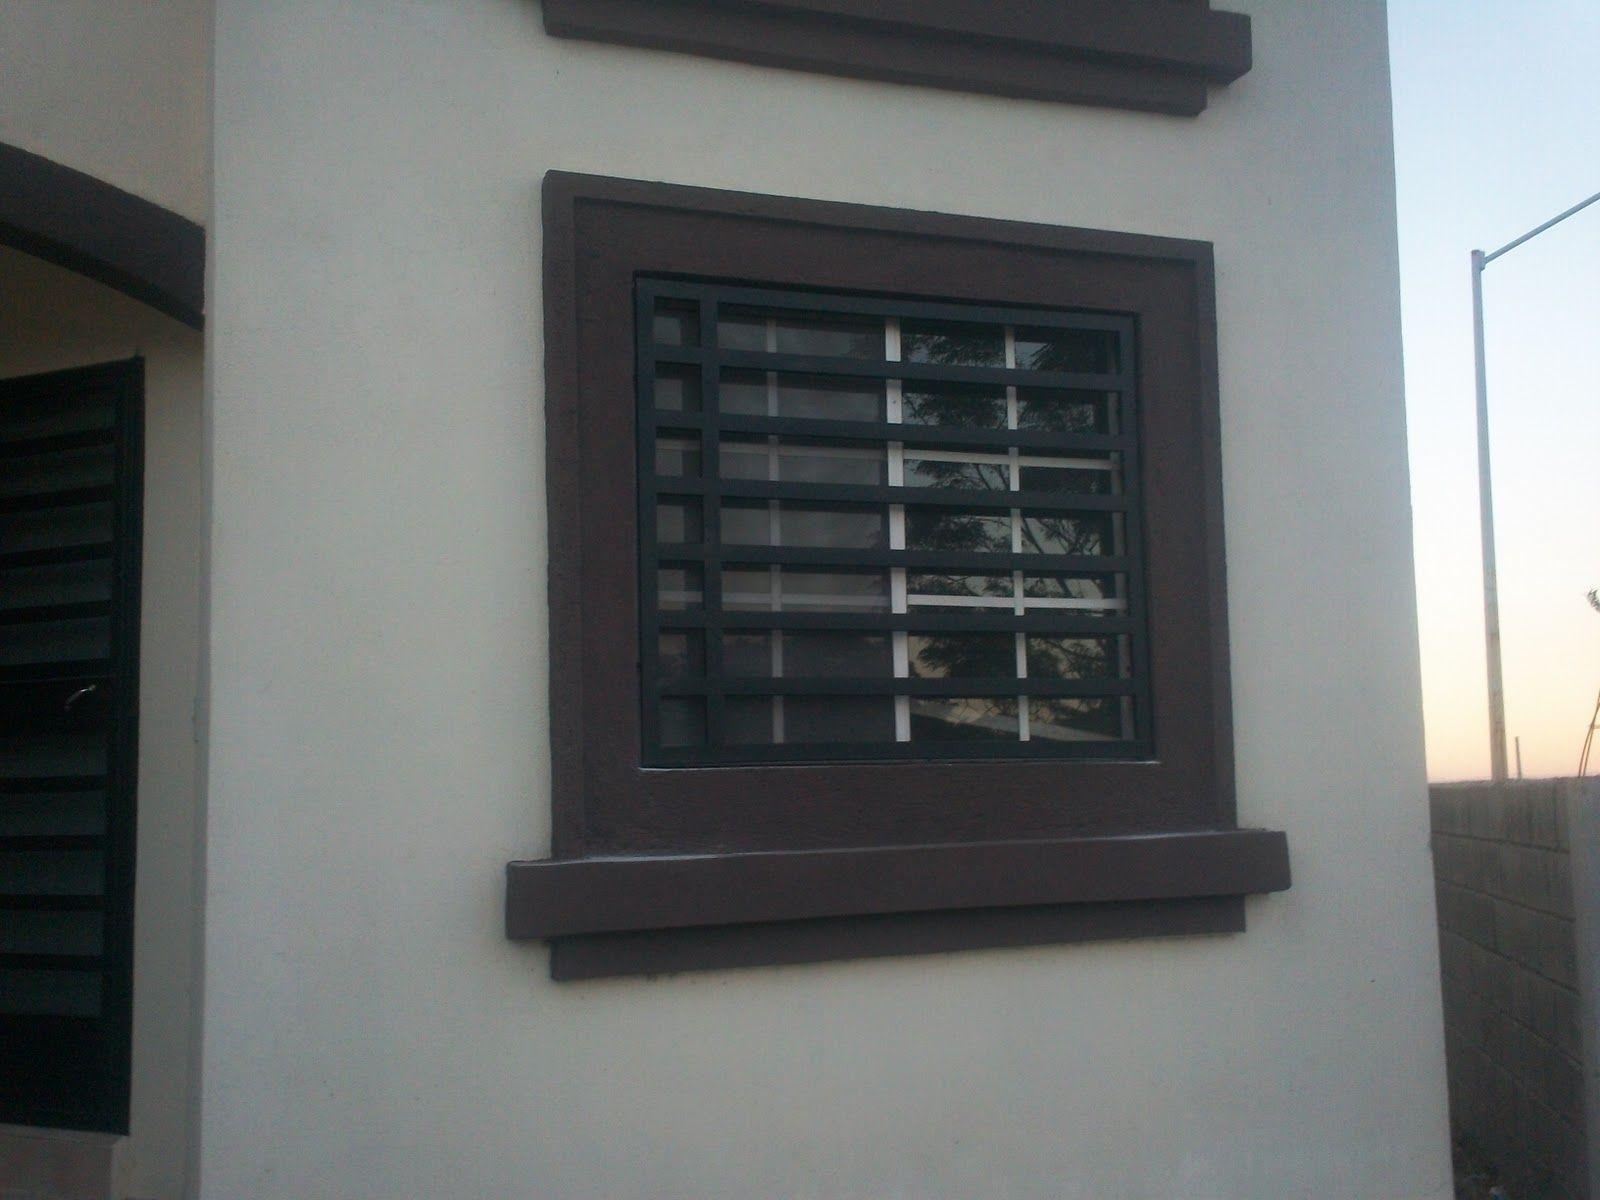 M s de 25 ideas incre bles sobre rejas para casas en for Disenos de puertas para casas modernas